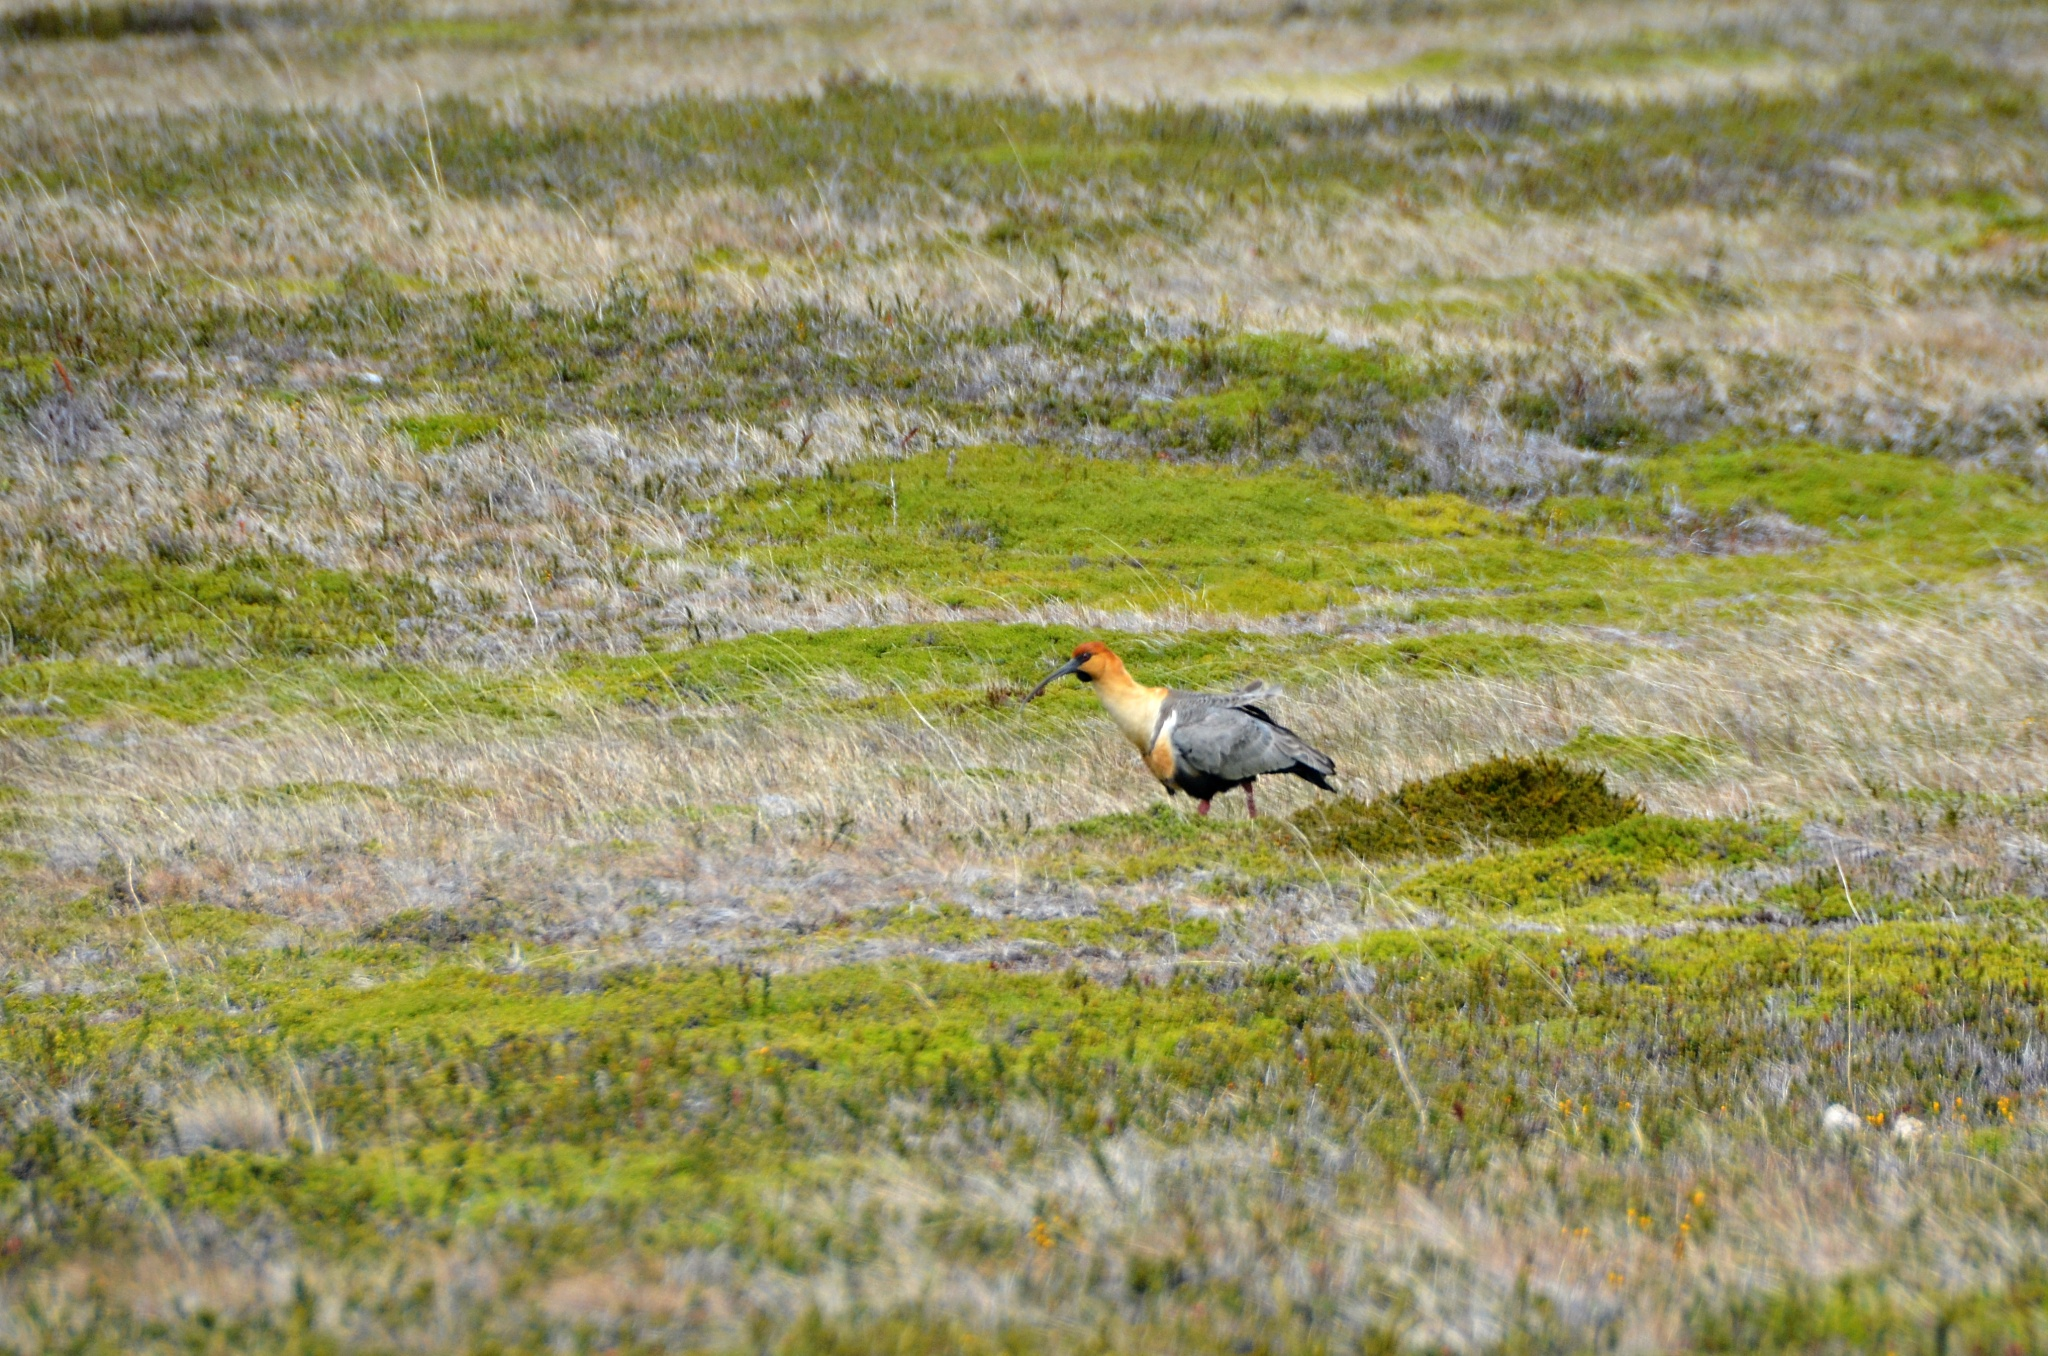 Žlutočerný Ibis šedokřídlý (Theristicus melanopis) s dlouhým zobákem